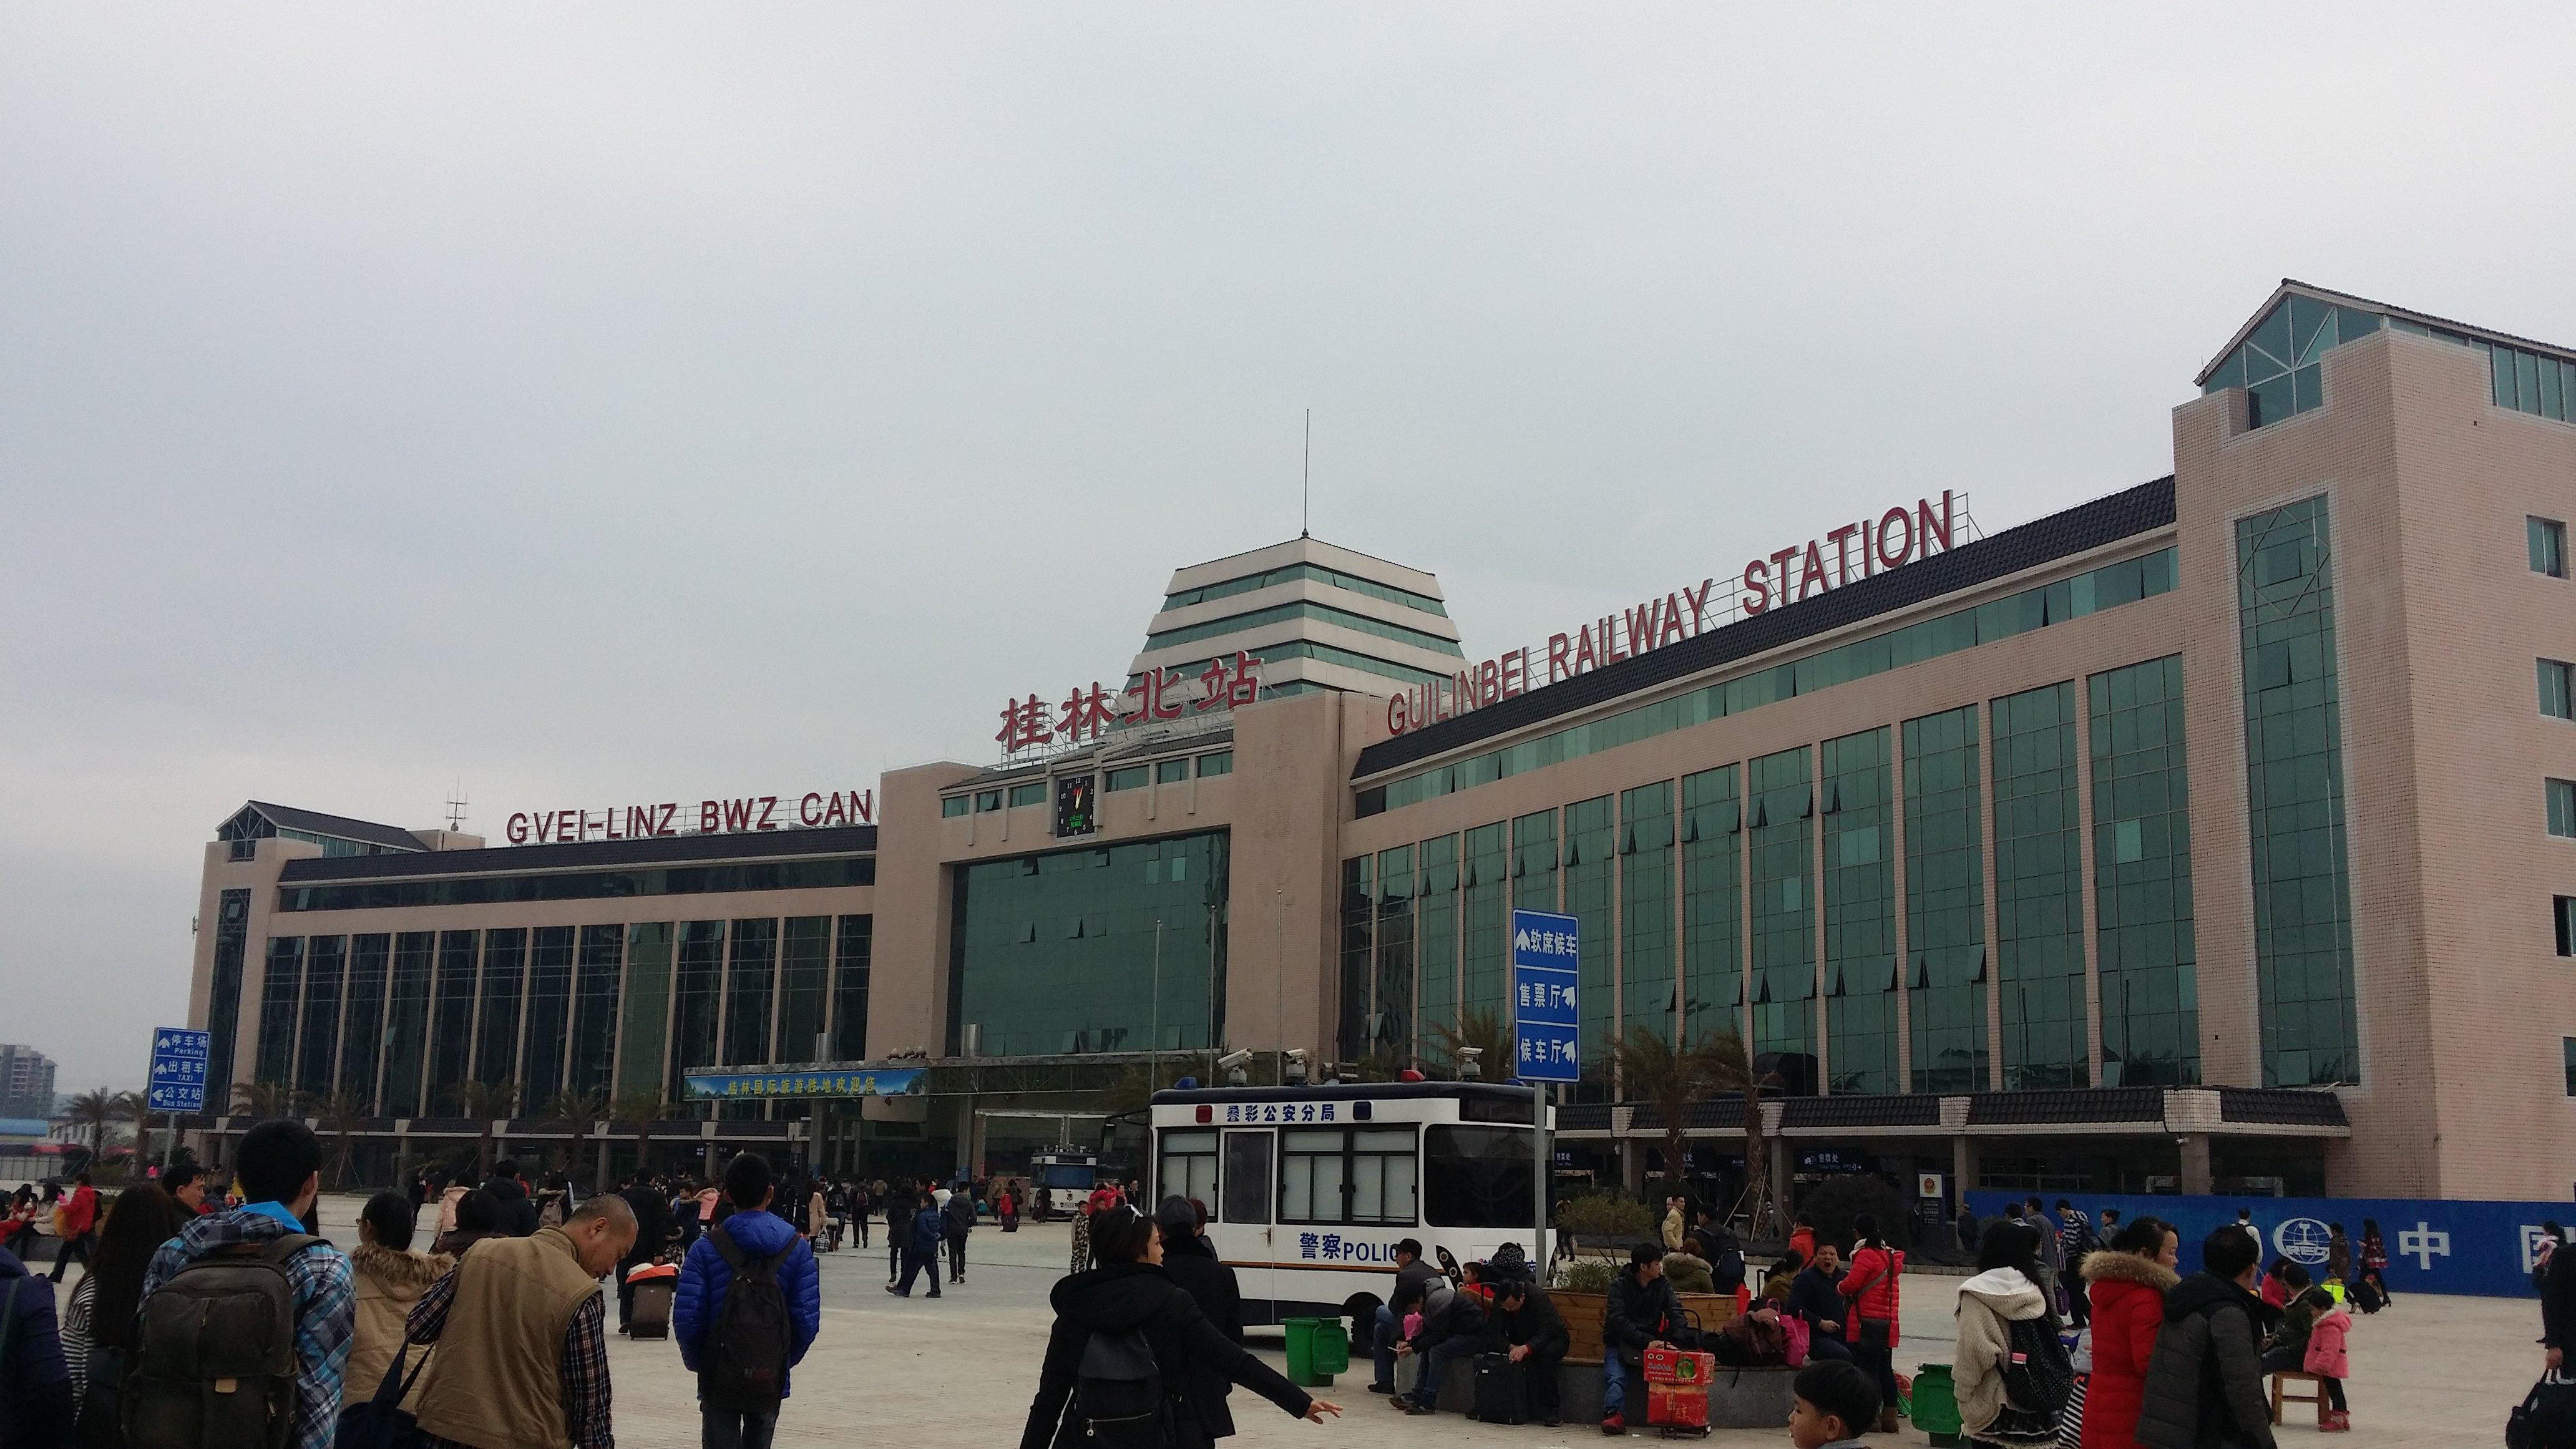 高铁两个多小时到达桂林北站,出站后门口就有大巴100路坐往汽车站.